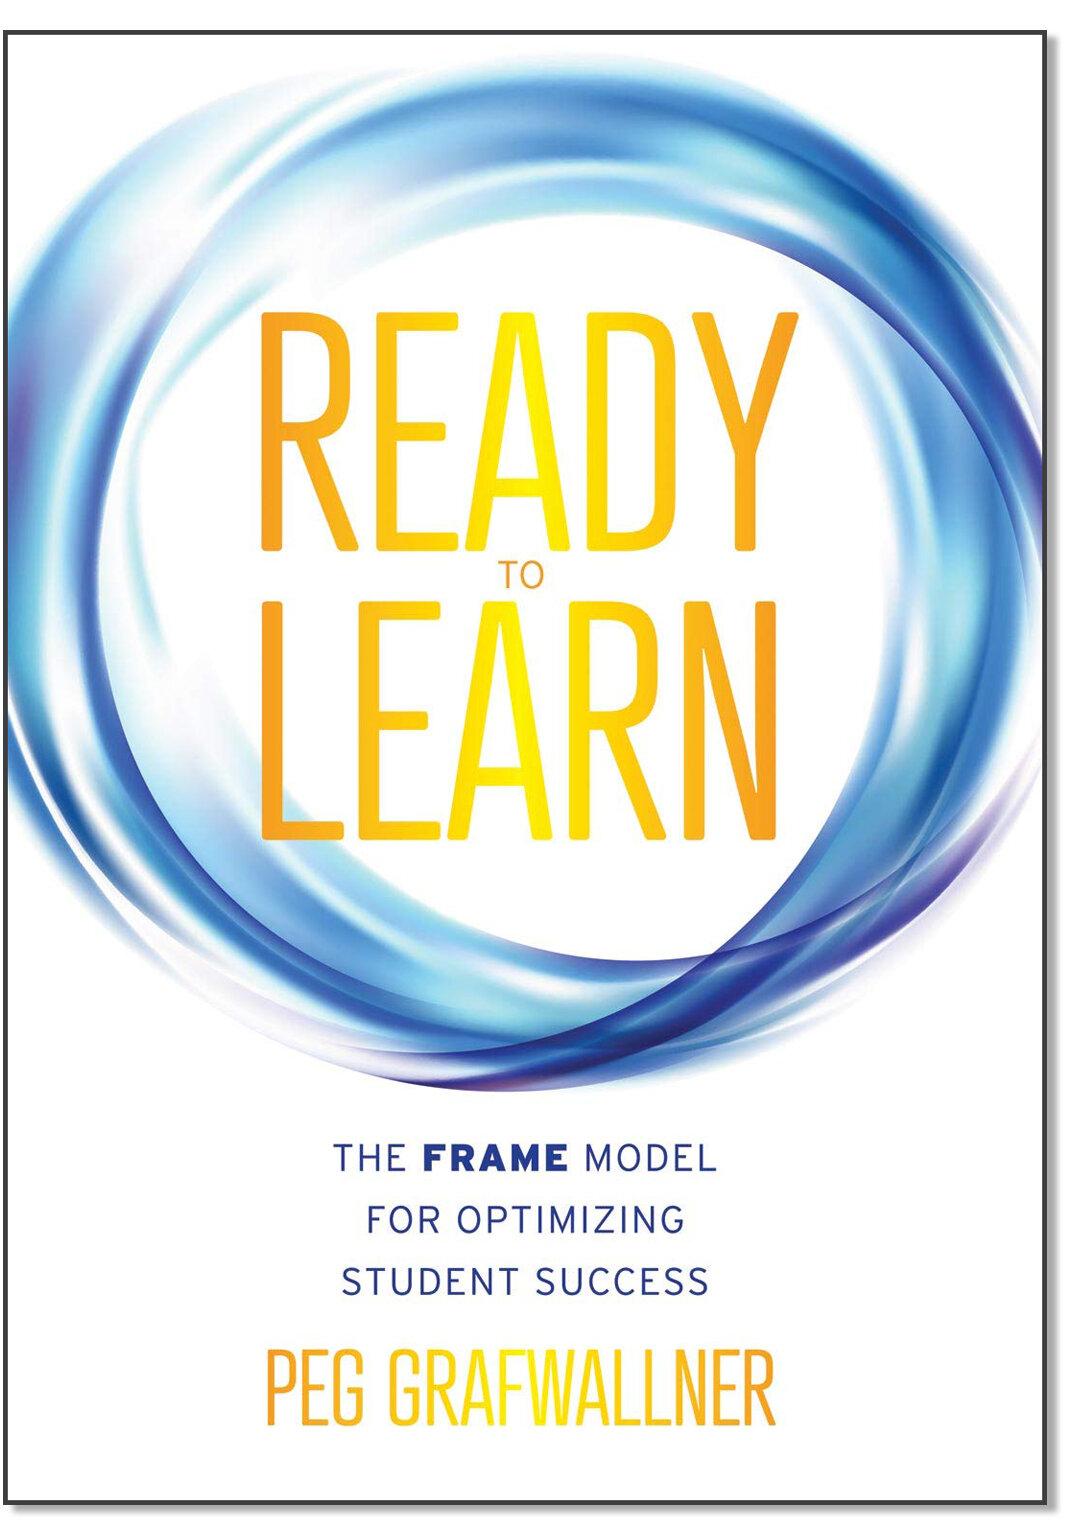 Read to Learn.jpg